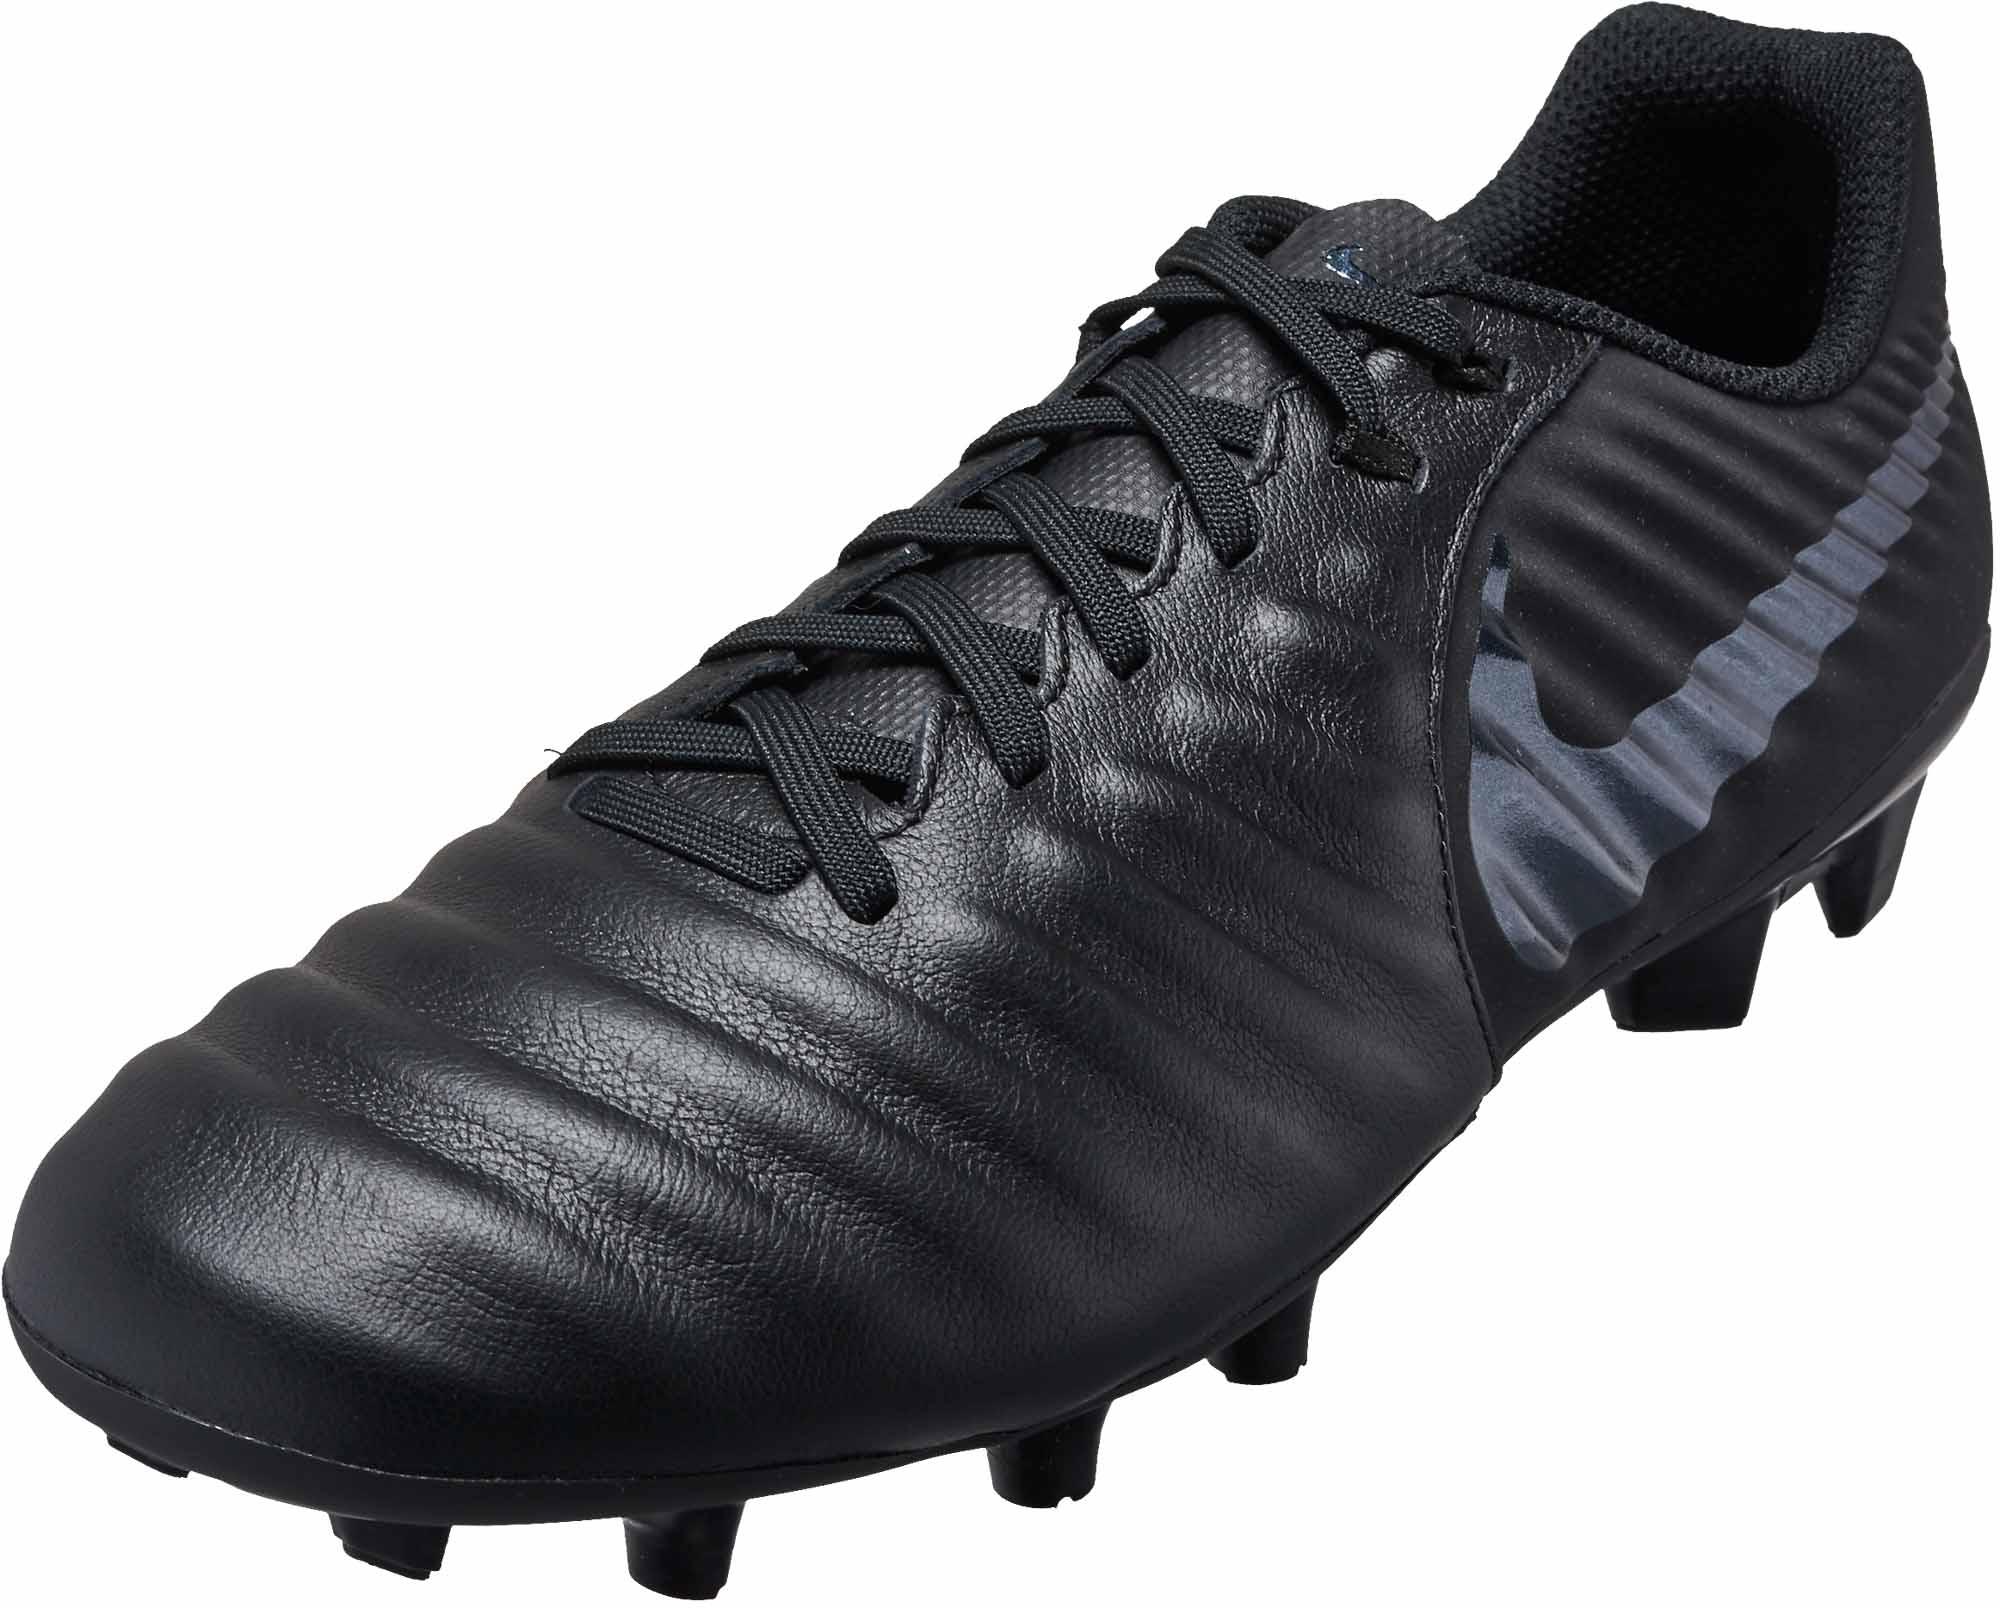 Nike Tiempo Legend 7 Academy MG - Black/Black - Soccer ...